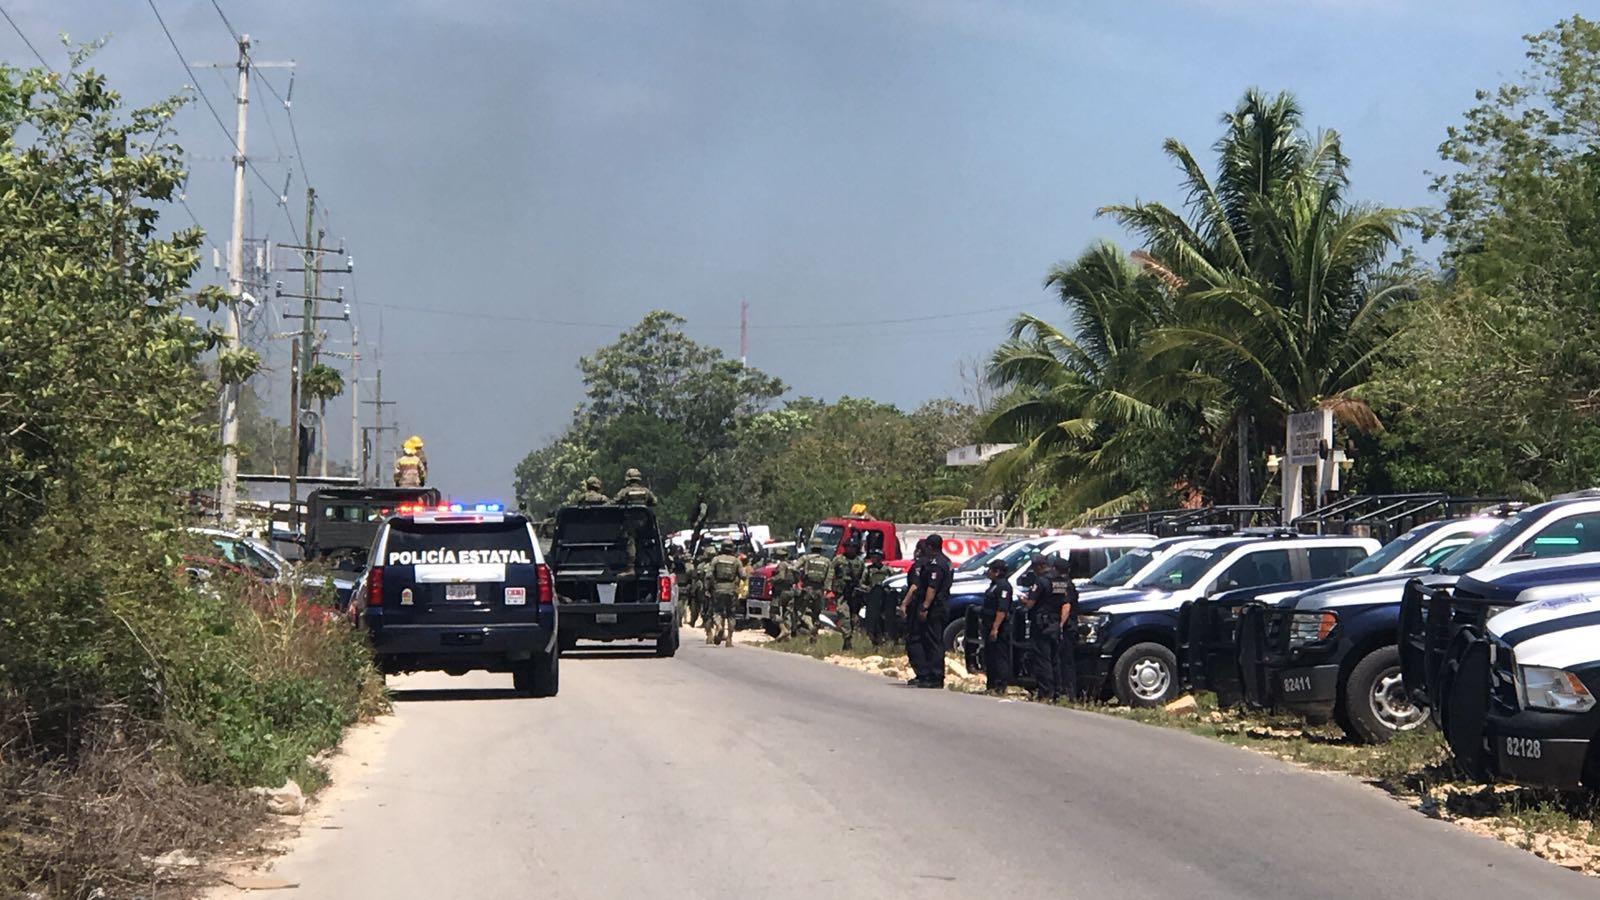 MOTÍN EN LA CÁRCEL DE PLAYA: Reportan saldo oficial de 22 reos heridos, sin muertos ni fugas; controlan revuelta